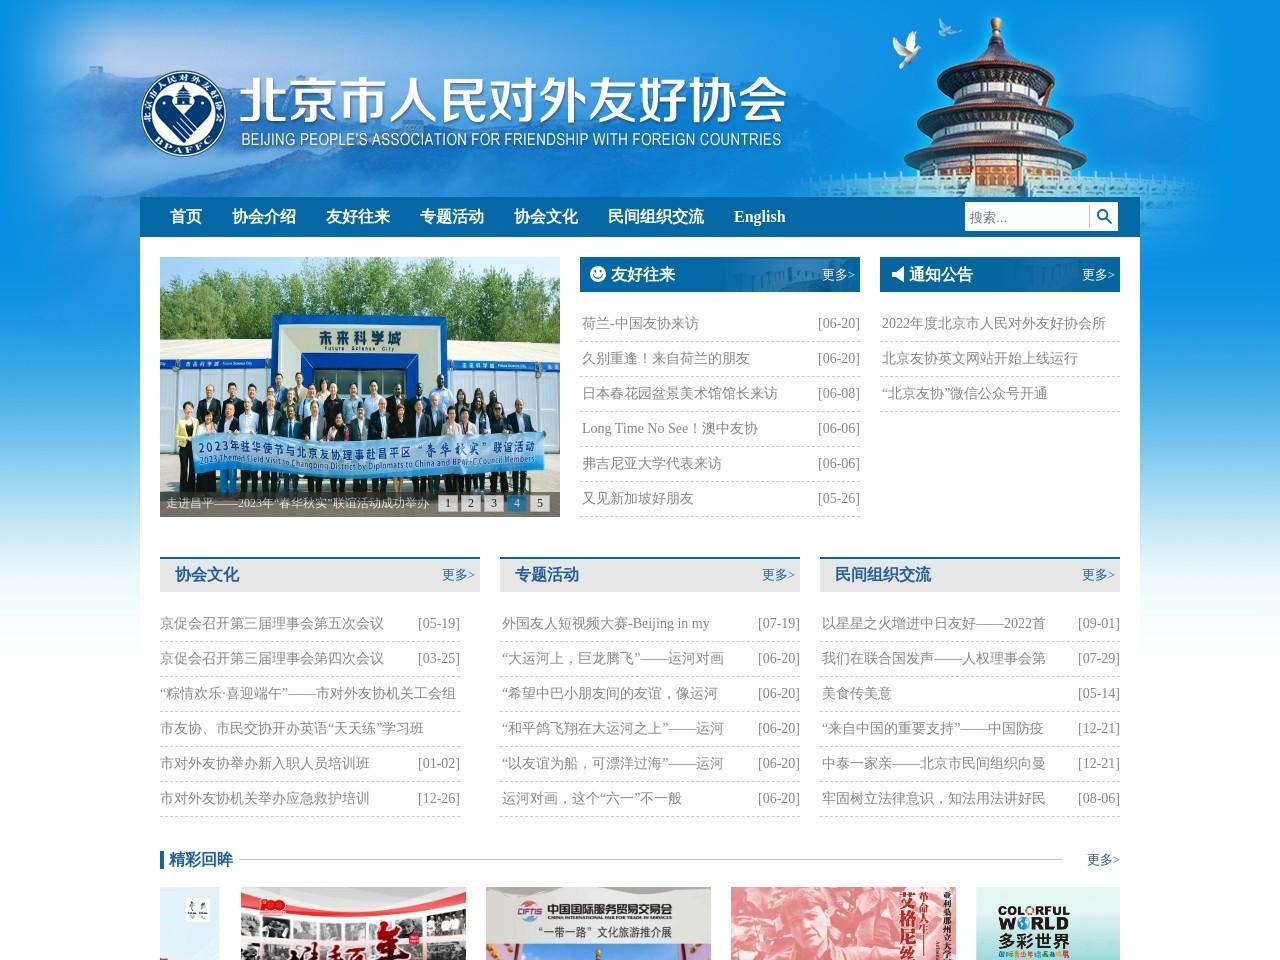 北京对外友好协会